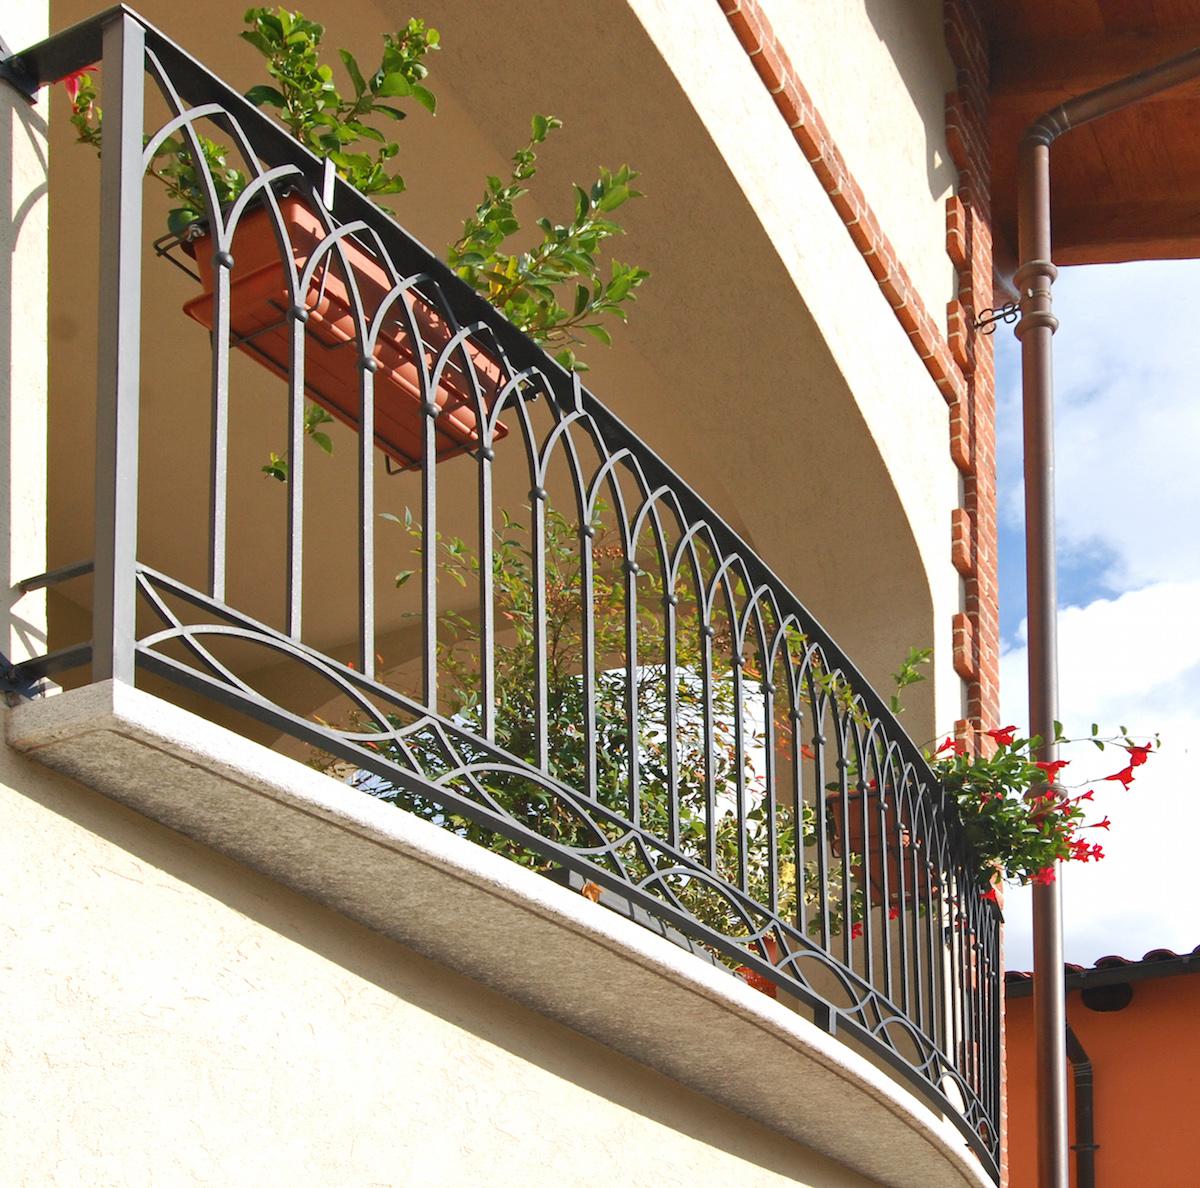 Foto ringhiere in ferro with foto ringhiere in ferro - Corrimano scale esterne ...